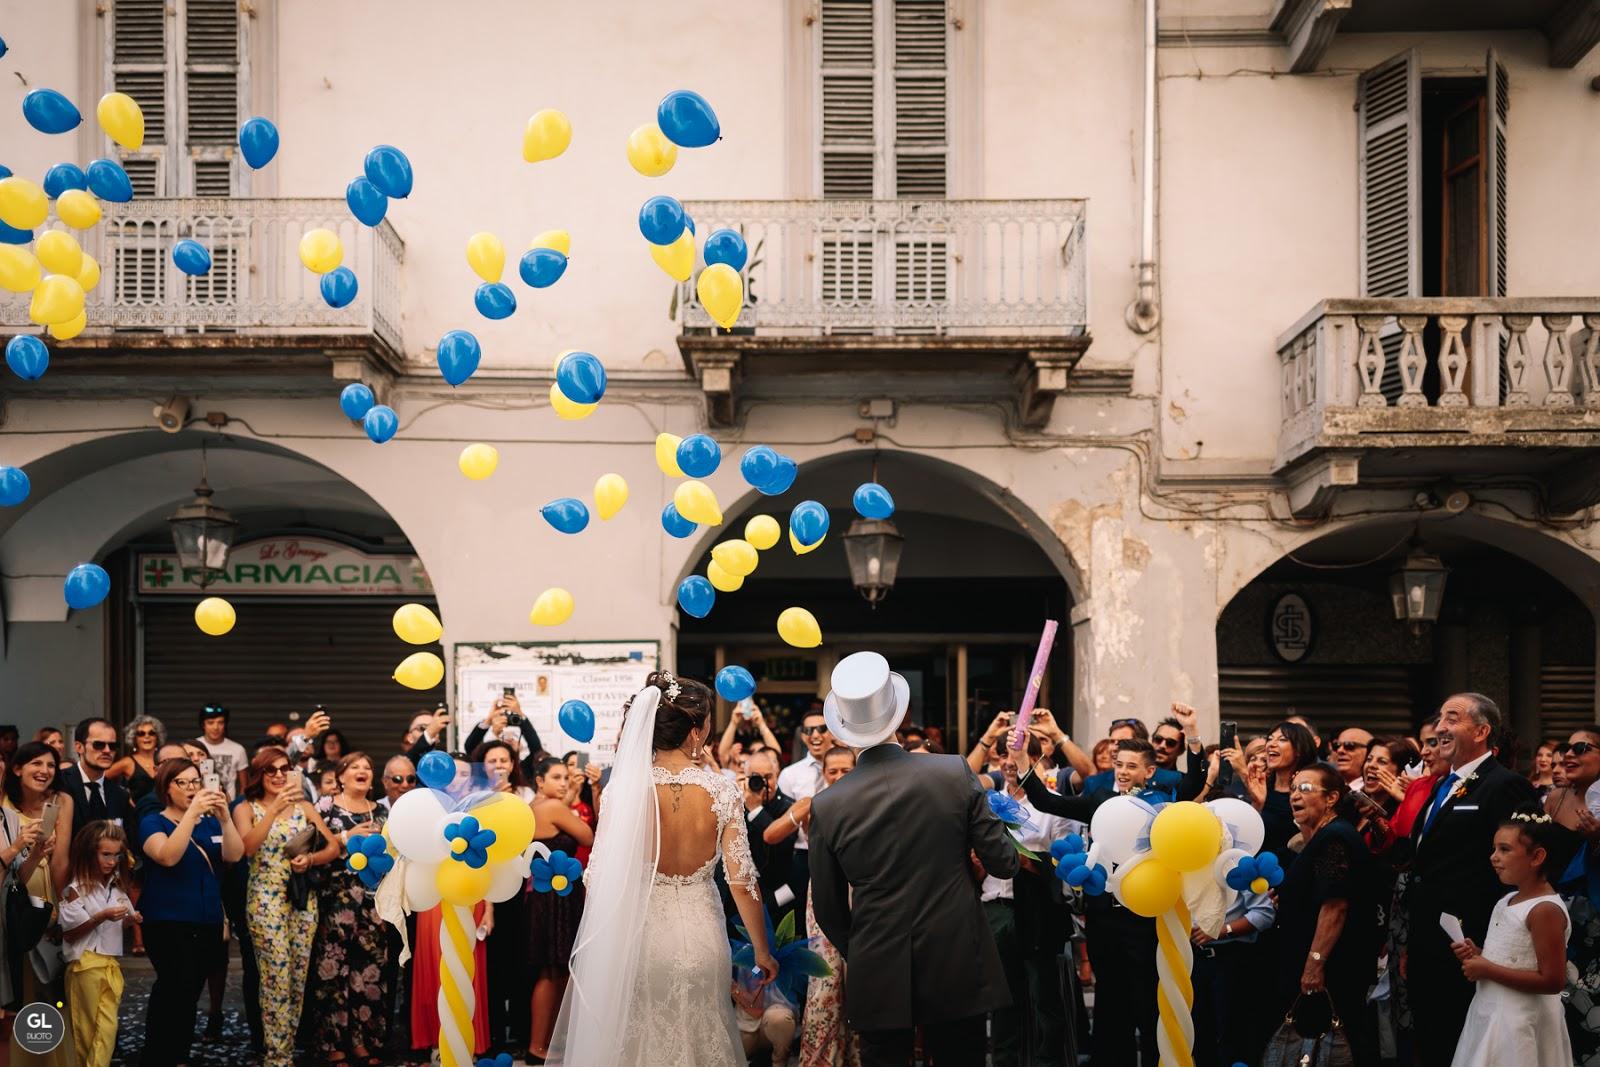 Il volo dei palloncini matrimonio